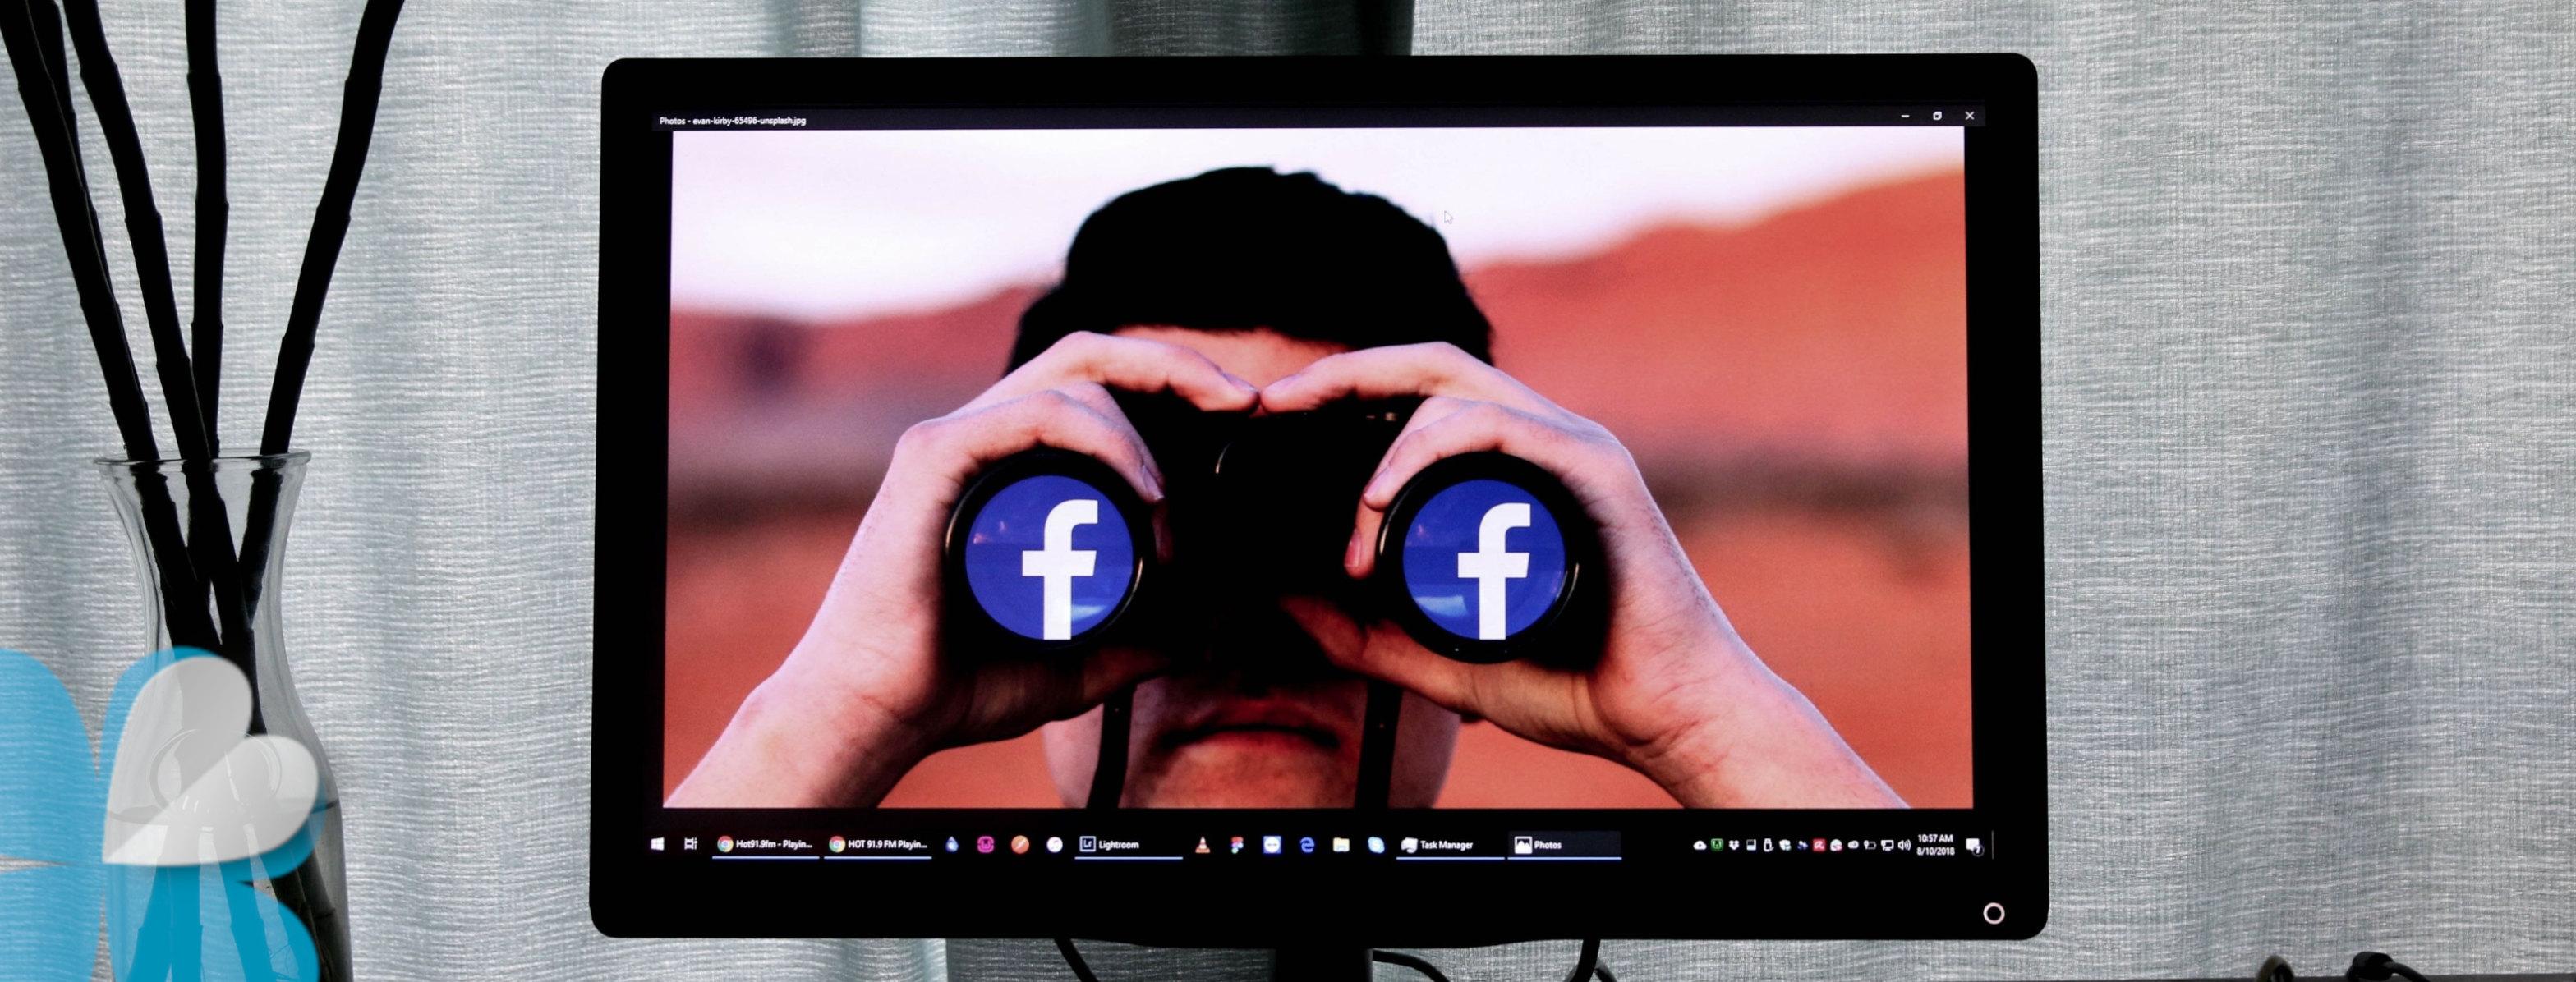 Facebook podría convertirse en una compañía financiera